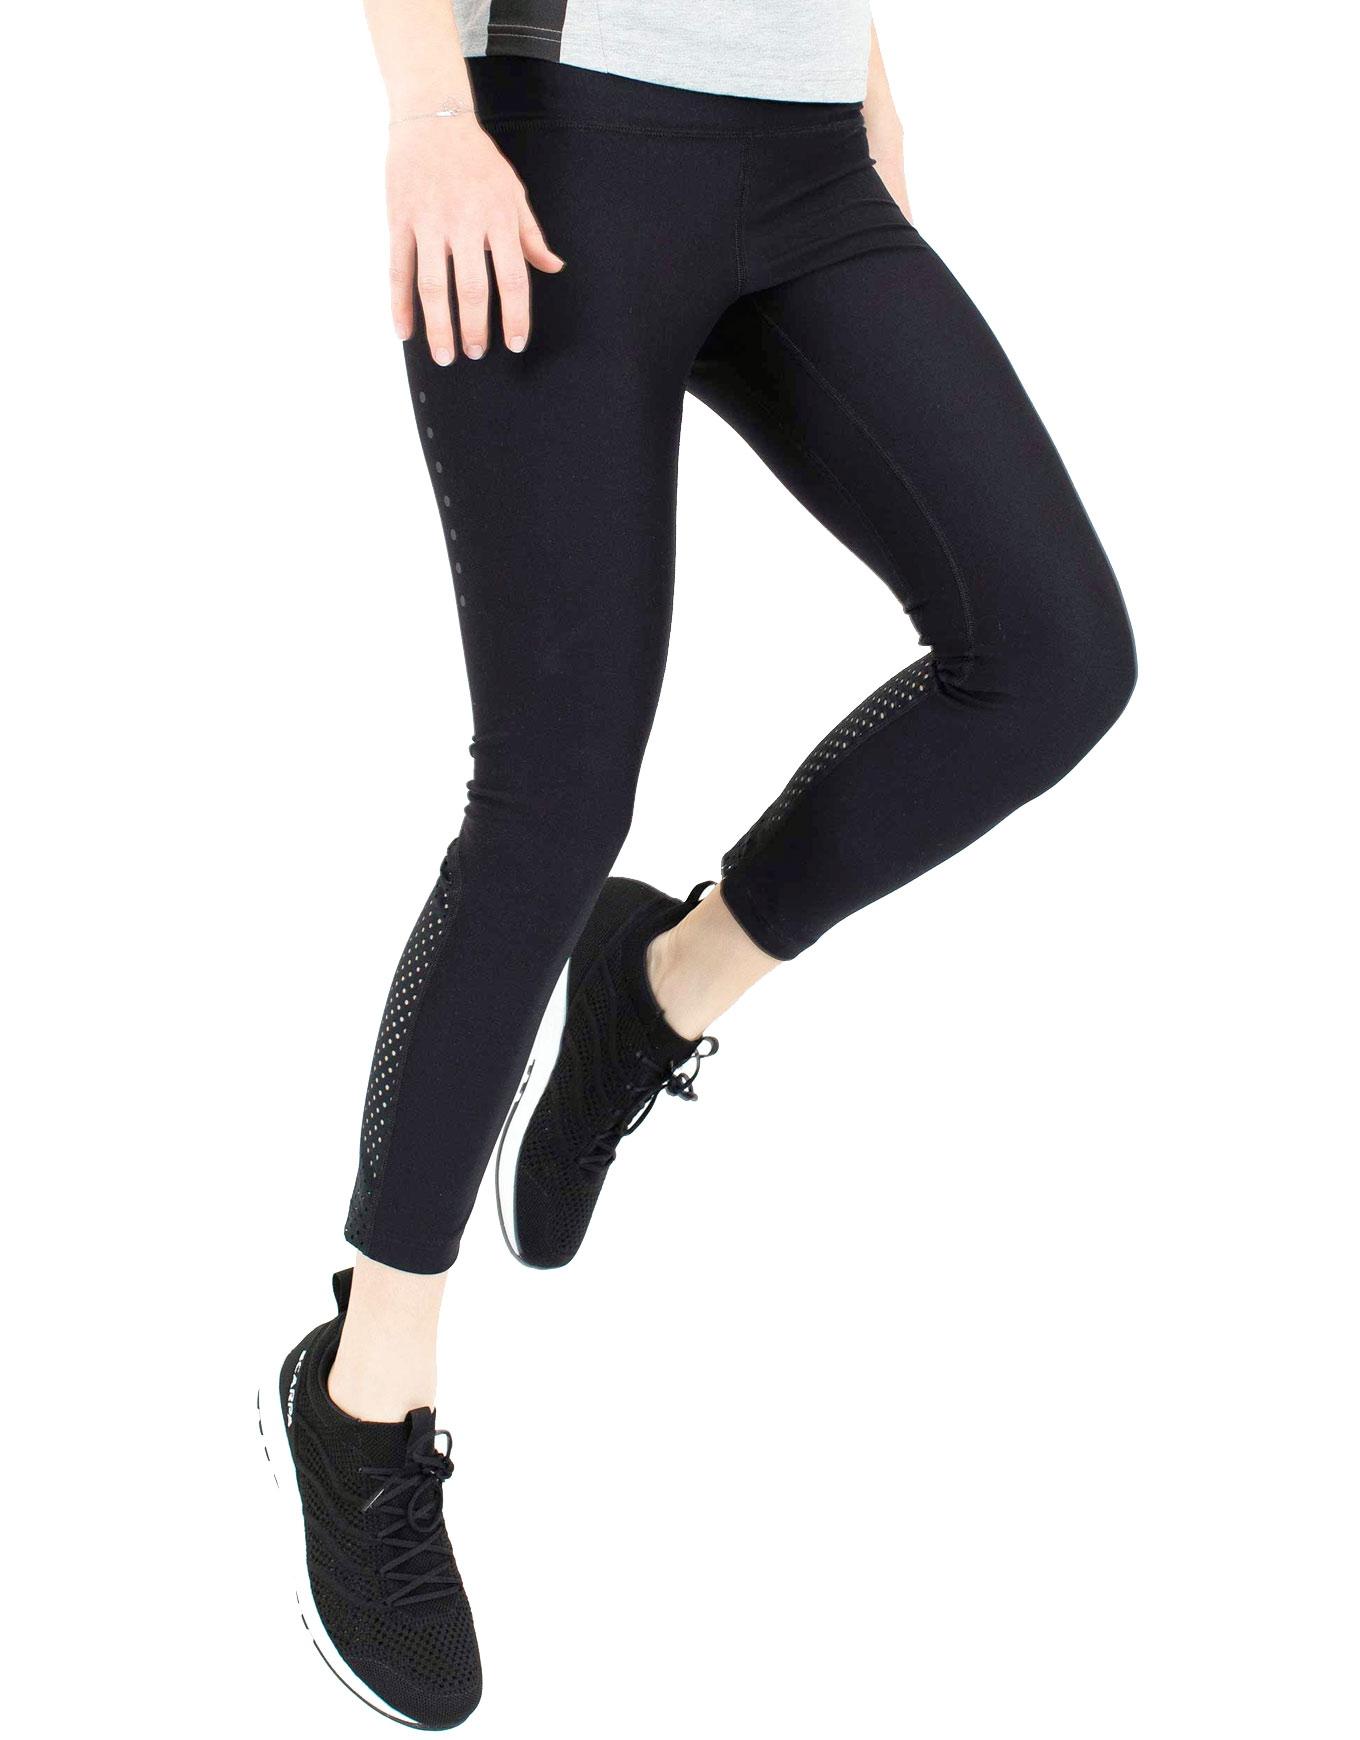 Legging anti-cellulite : en valent-ils la peine ?